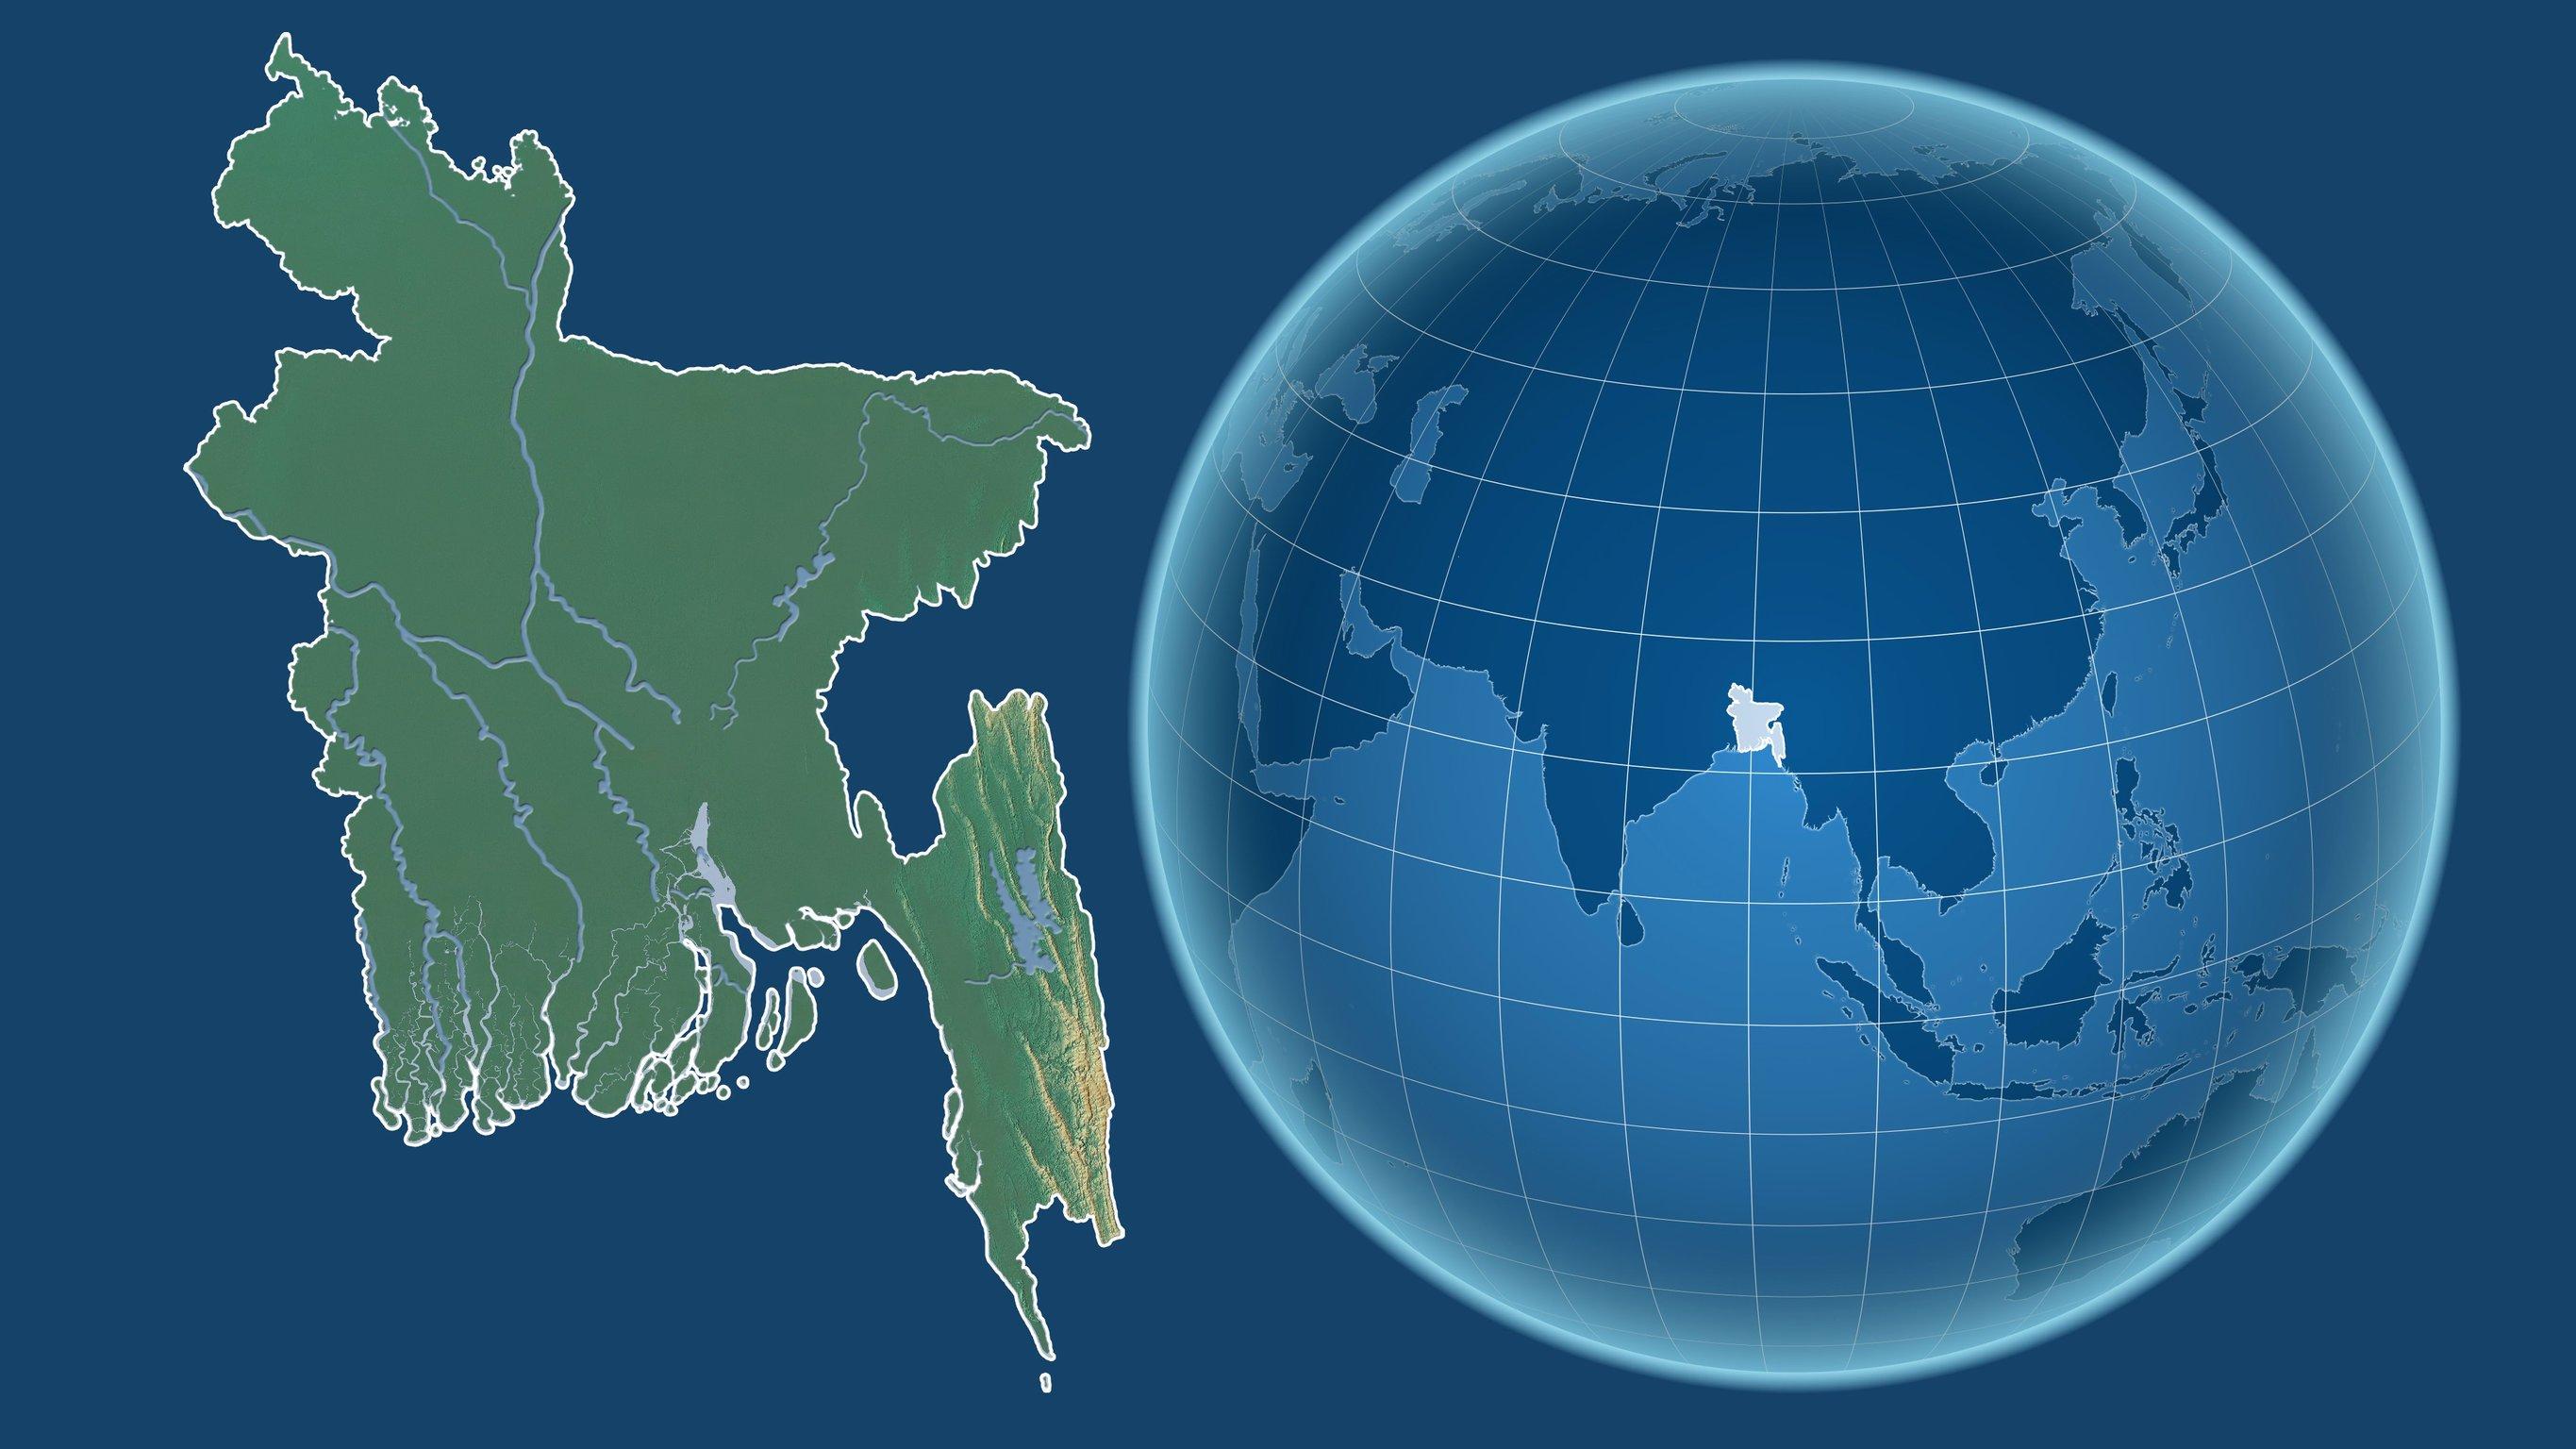 Bangladesh Global Influence